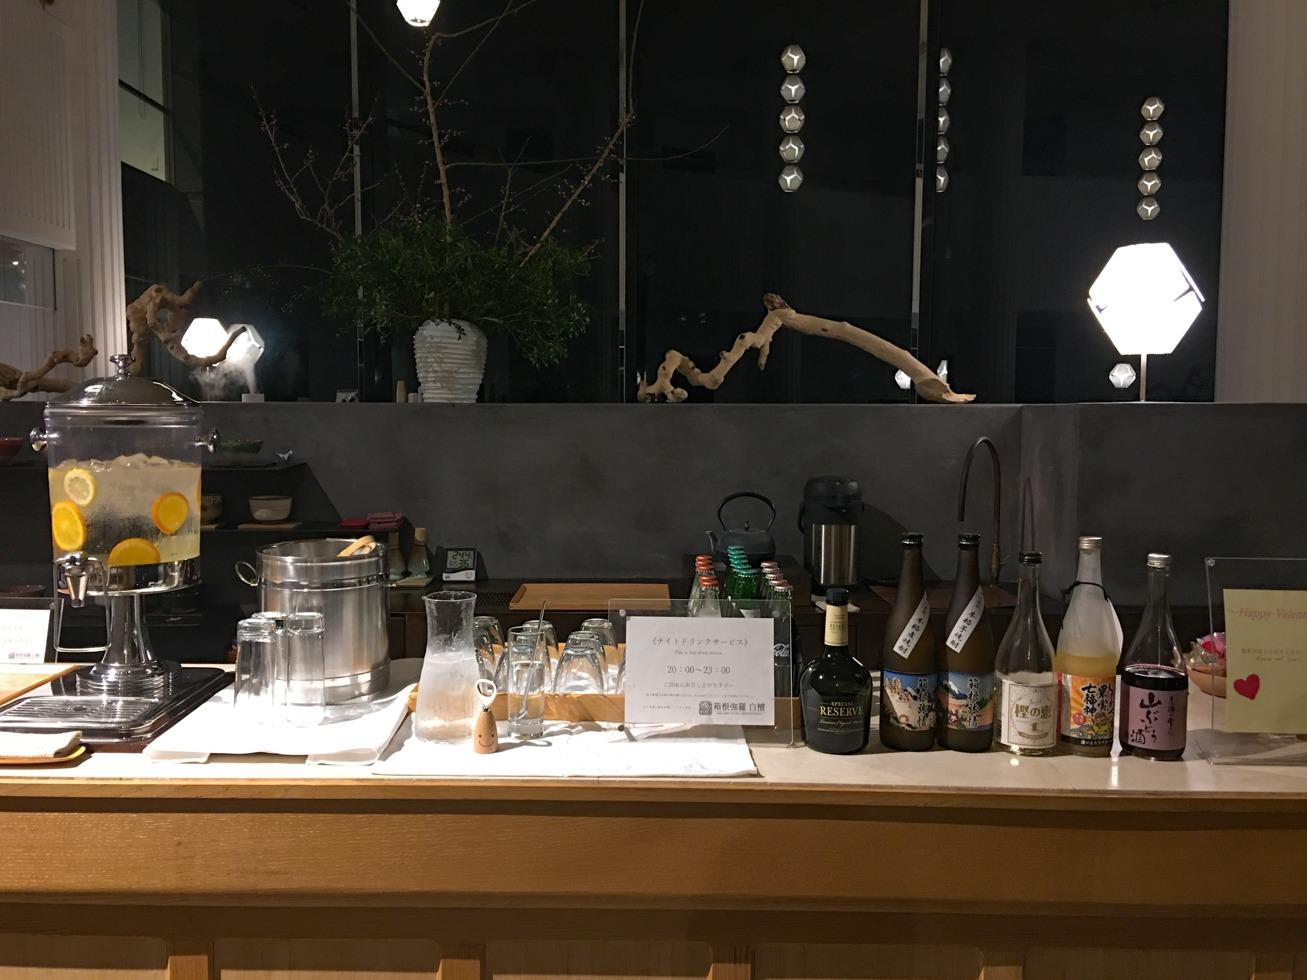 ロビーの飲み物の写真